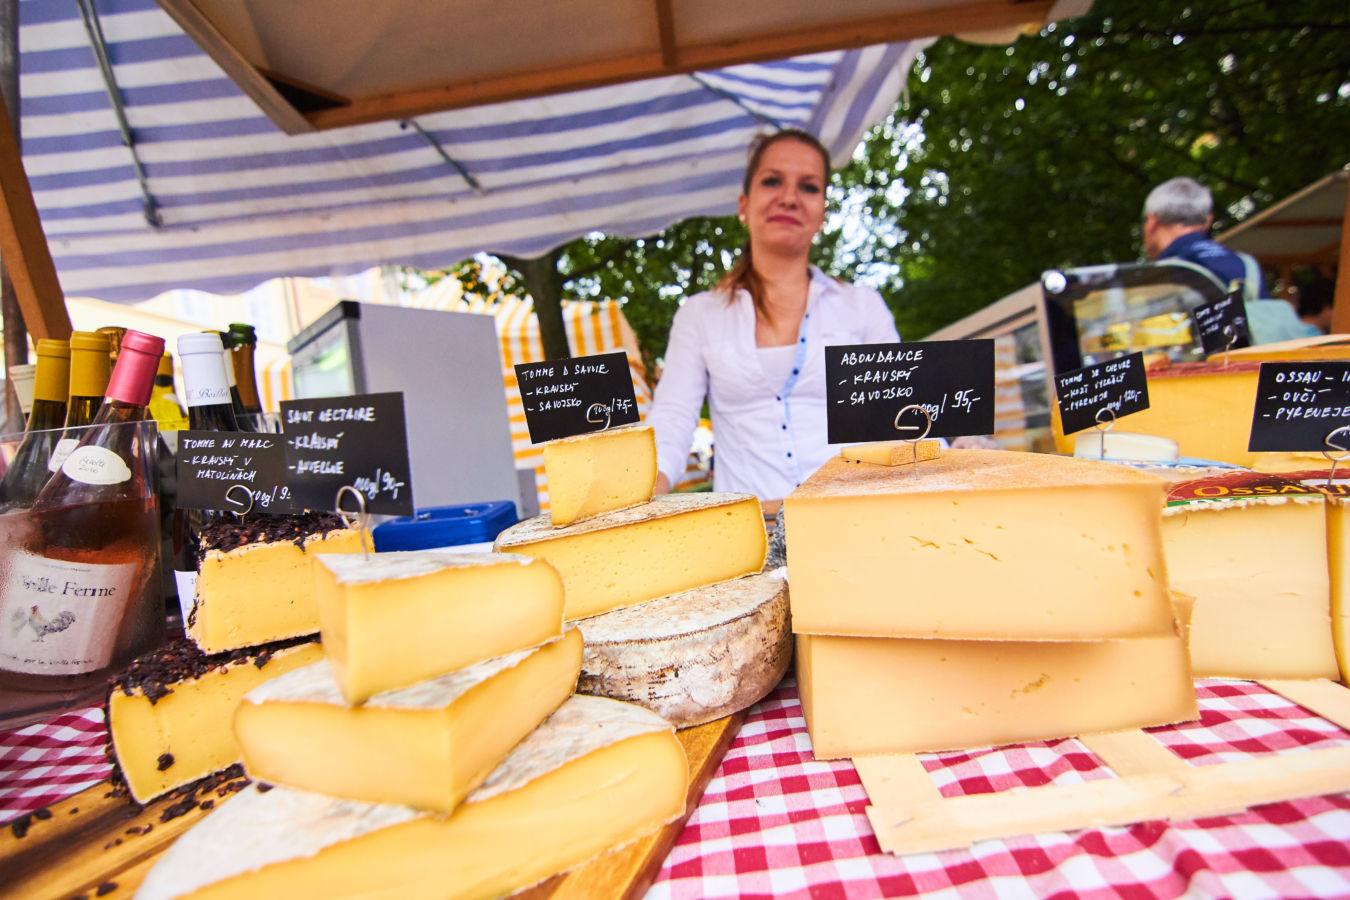 Tradiční Francouzský trh na Kampě otevírá své brány již po dvanácté